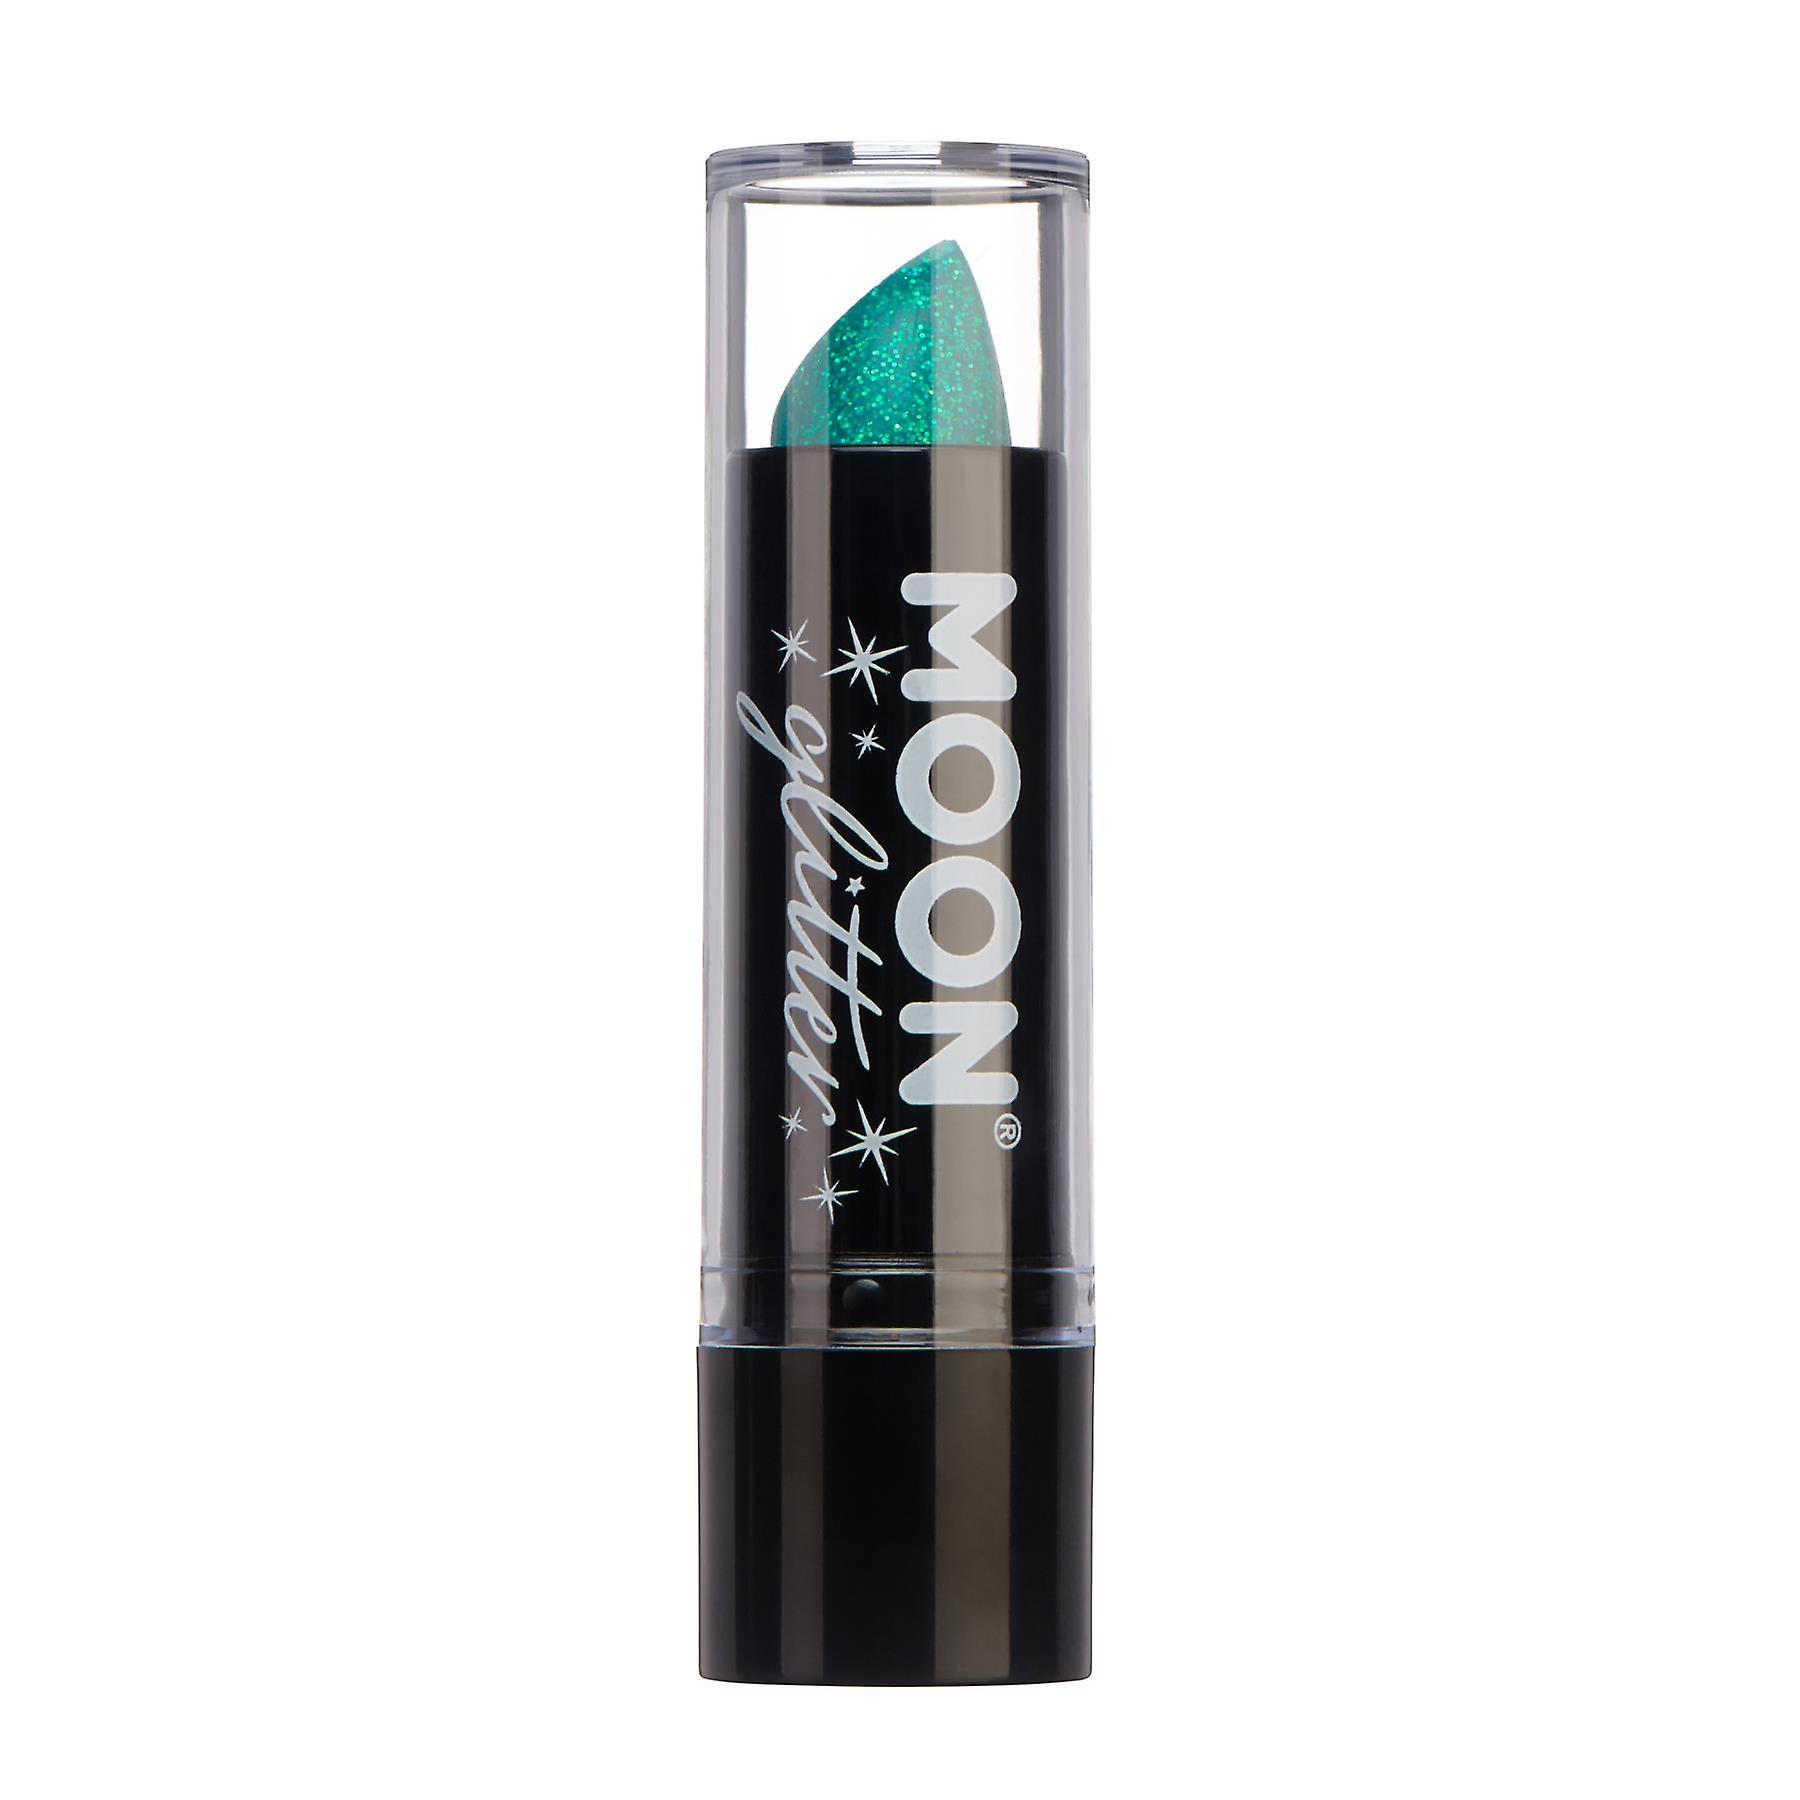 Iridescent Glitter Lipstick by Moon Glitter - 5g - Green